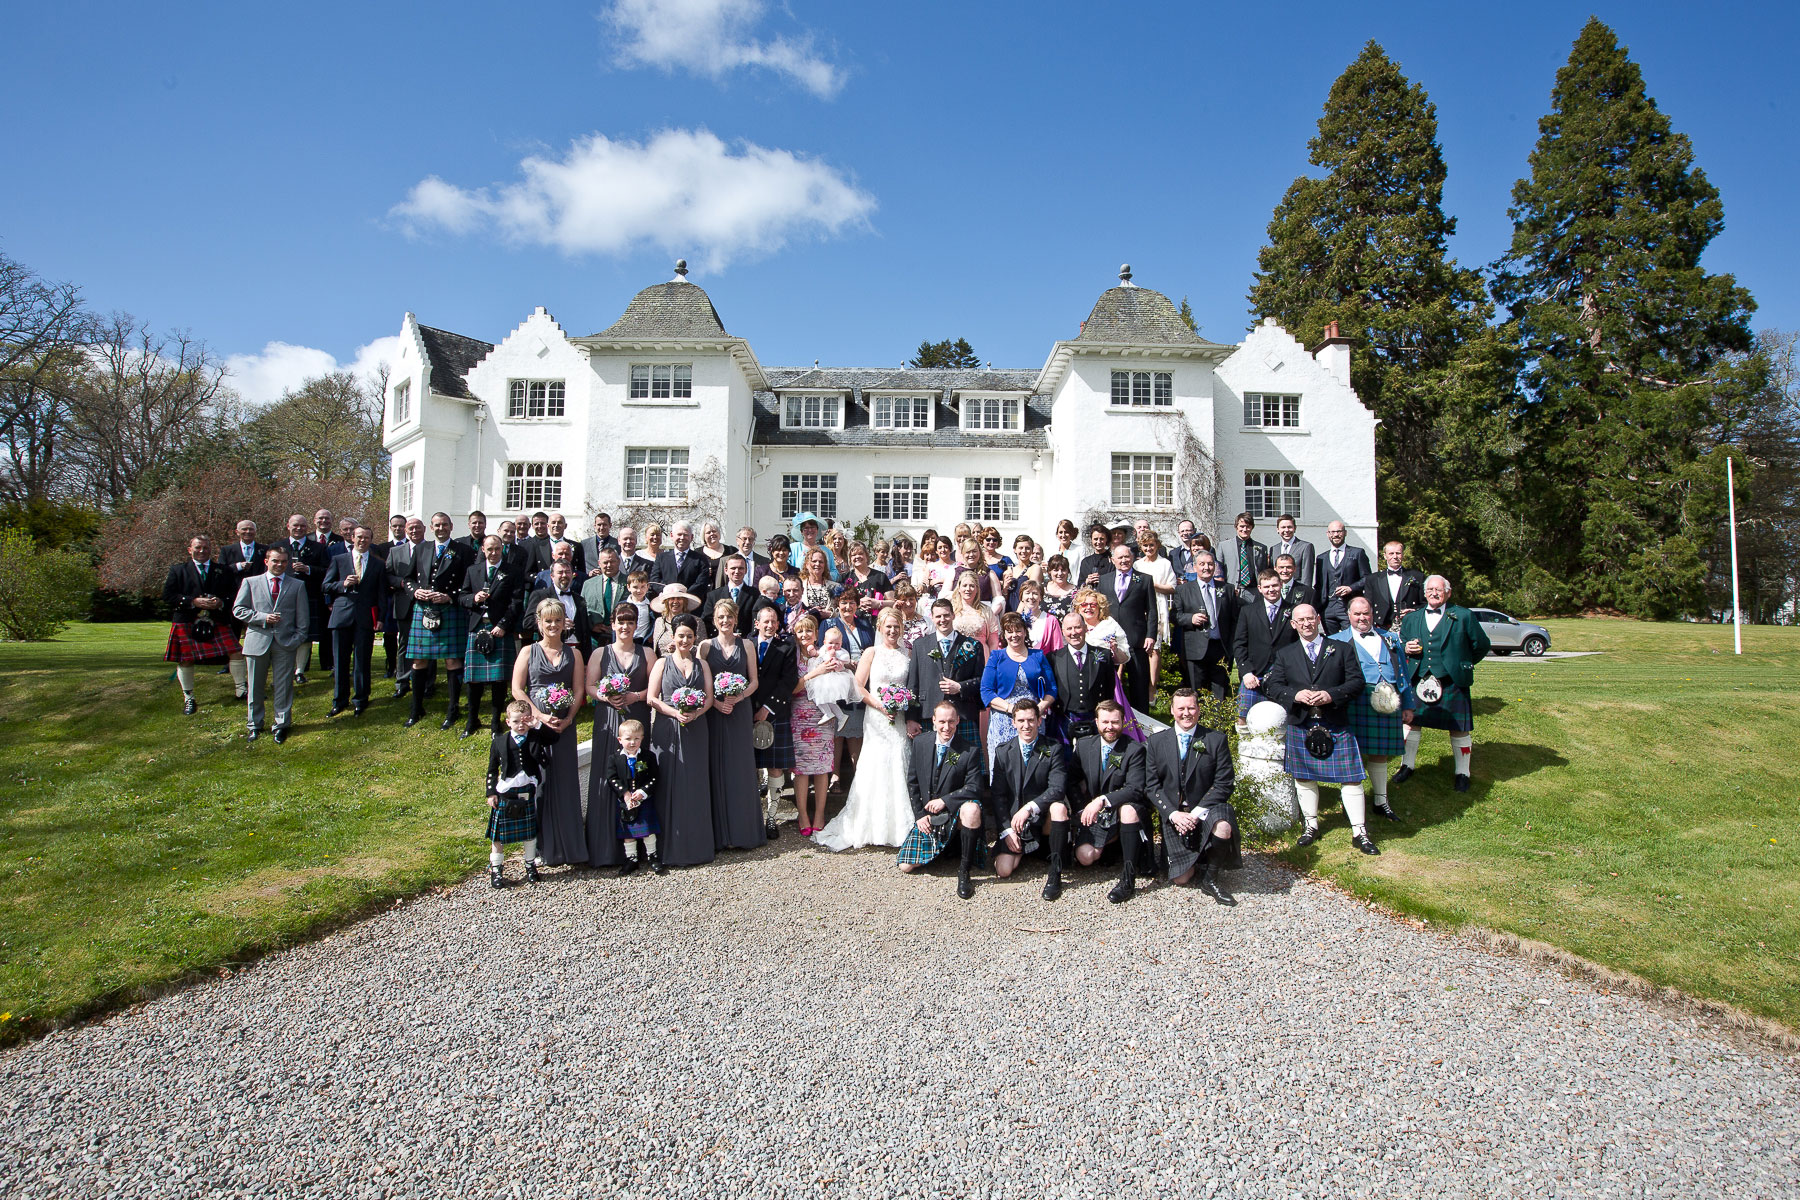 achnagairn-castle-wedding-inverness-3